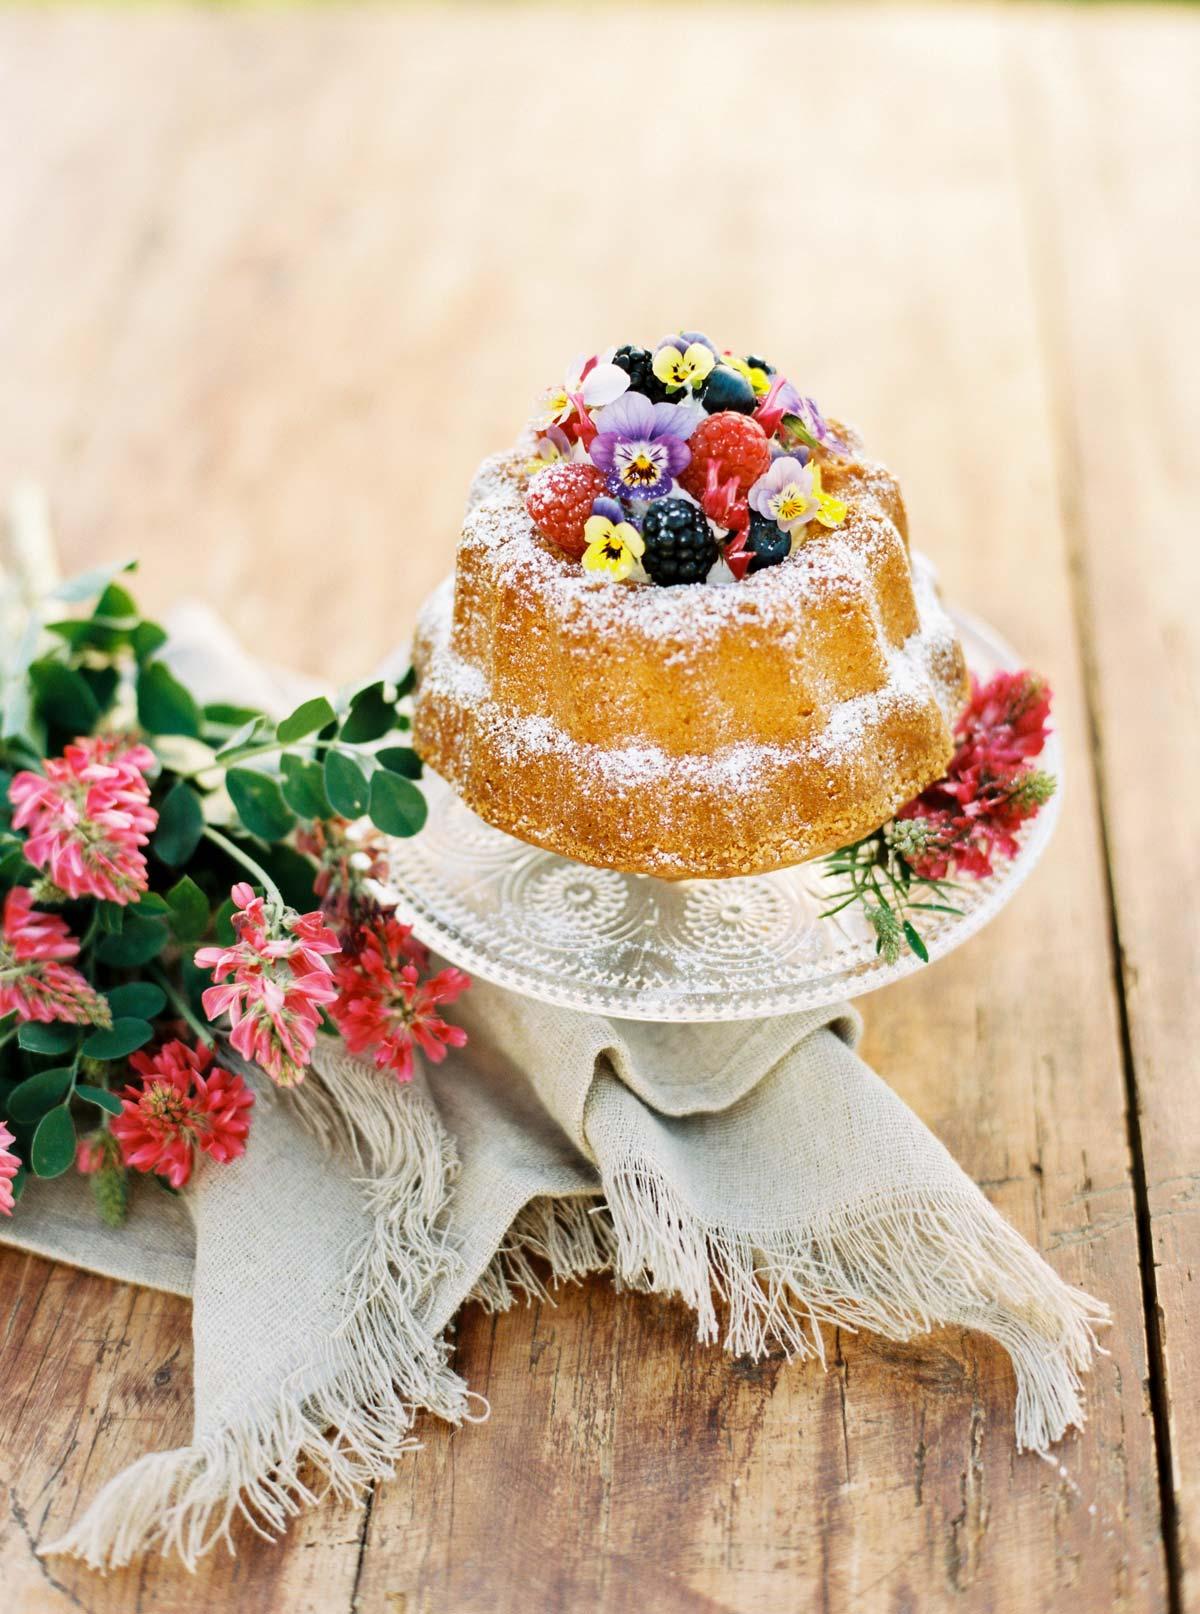 Feiner Gugelhupf mit Beeren und essbaren Blüten